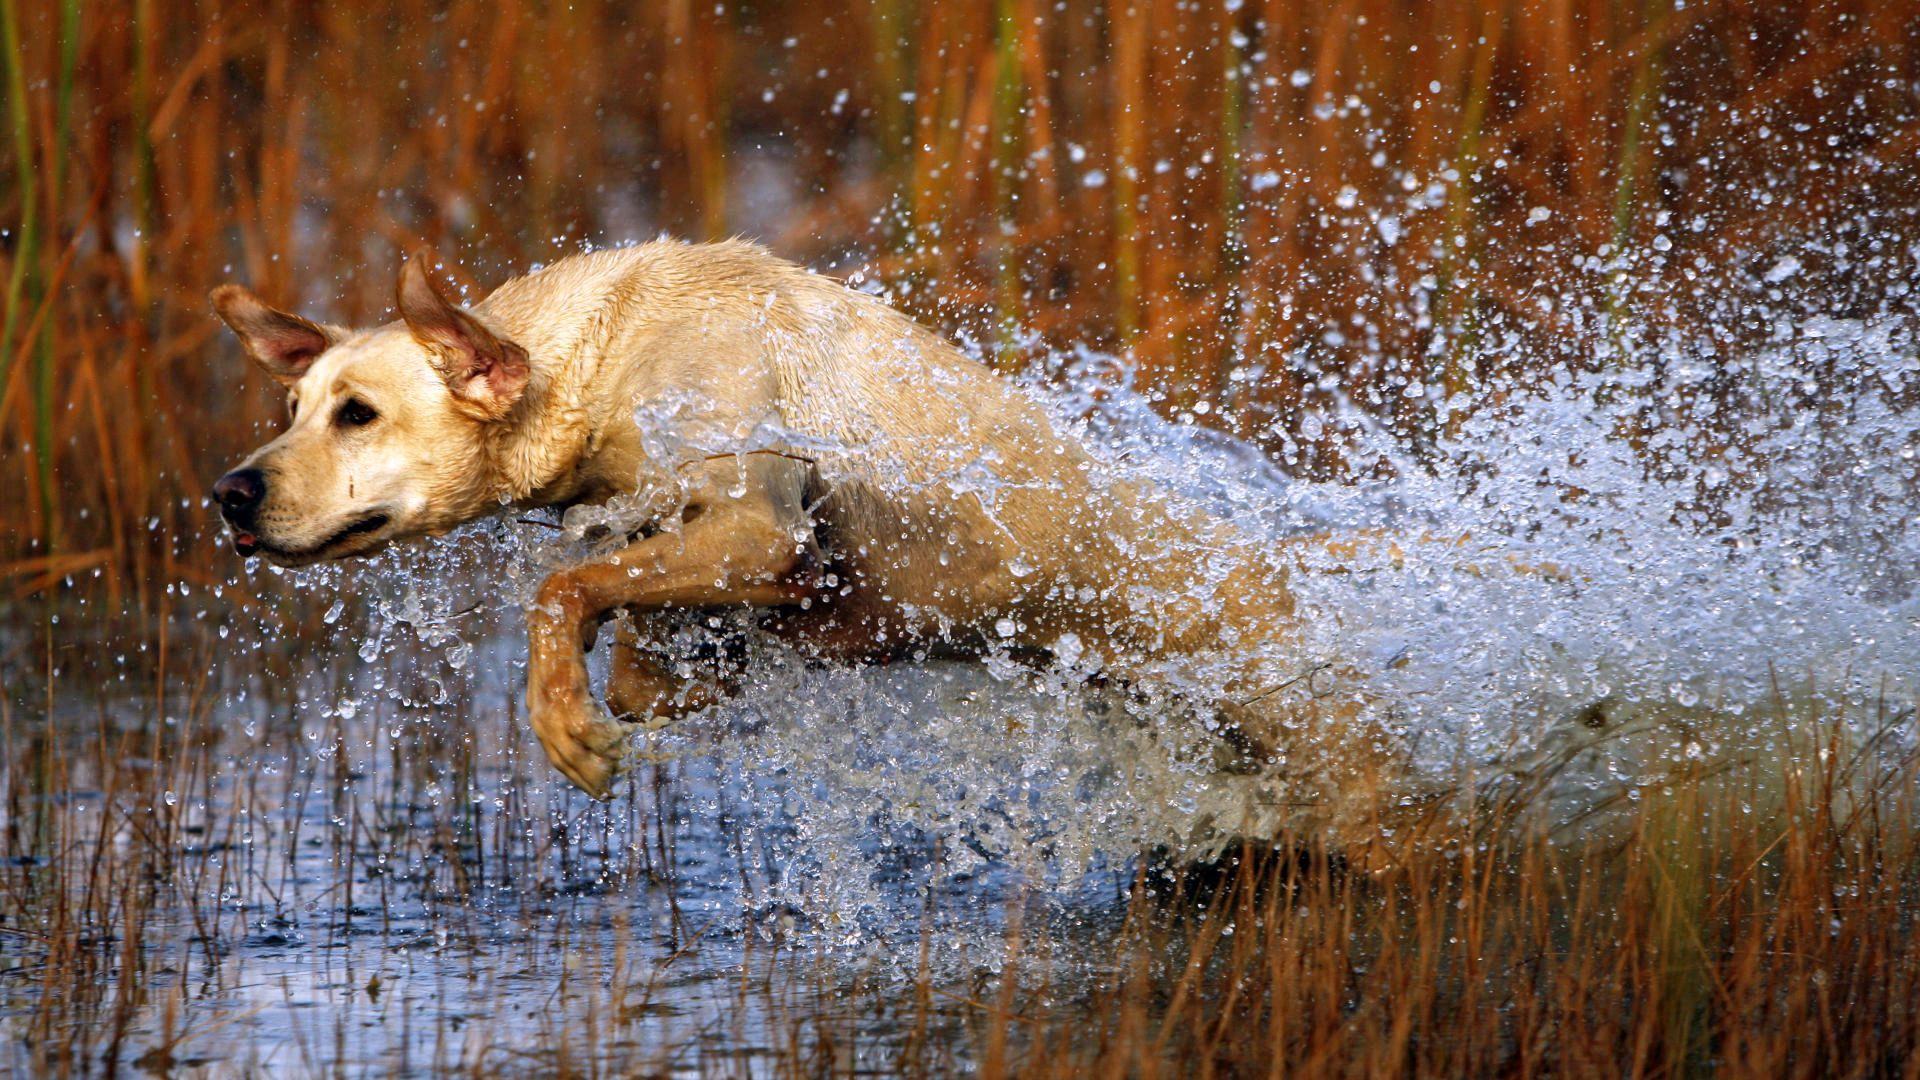 140563 Hintergrundbild 1024x600 kostenlos auf deinem Handy, lade Bilder Tiere, Wasser, Grass, Hund, Labrador, Prallen, Springen, Jagd 1024x600 auf dein Handy herunter